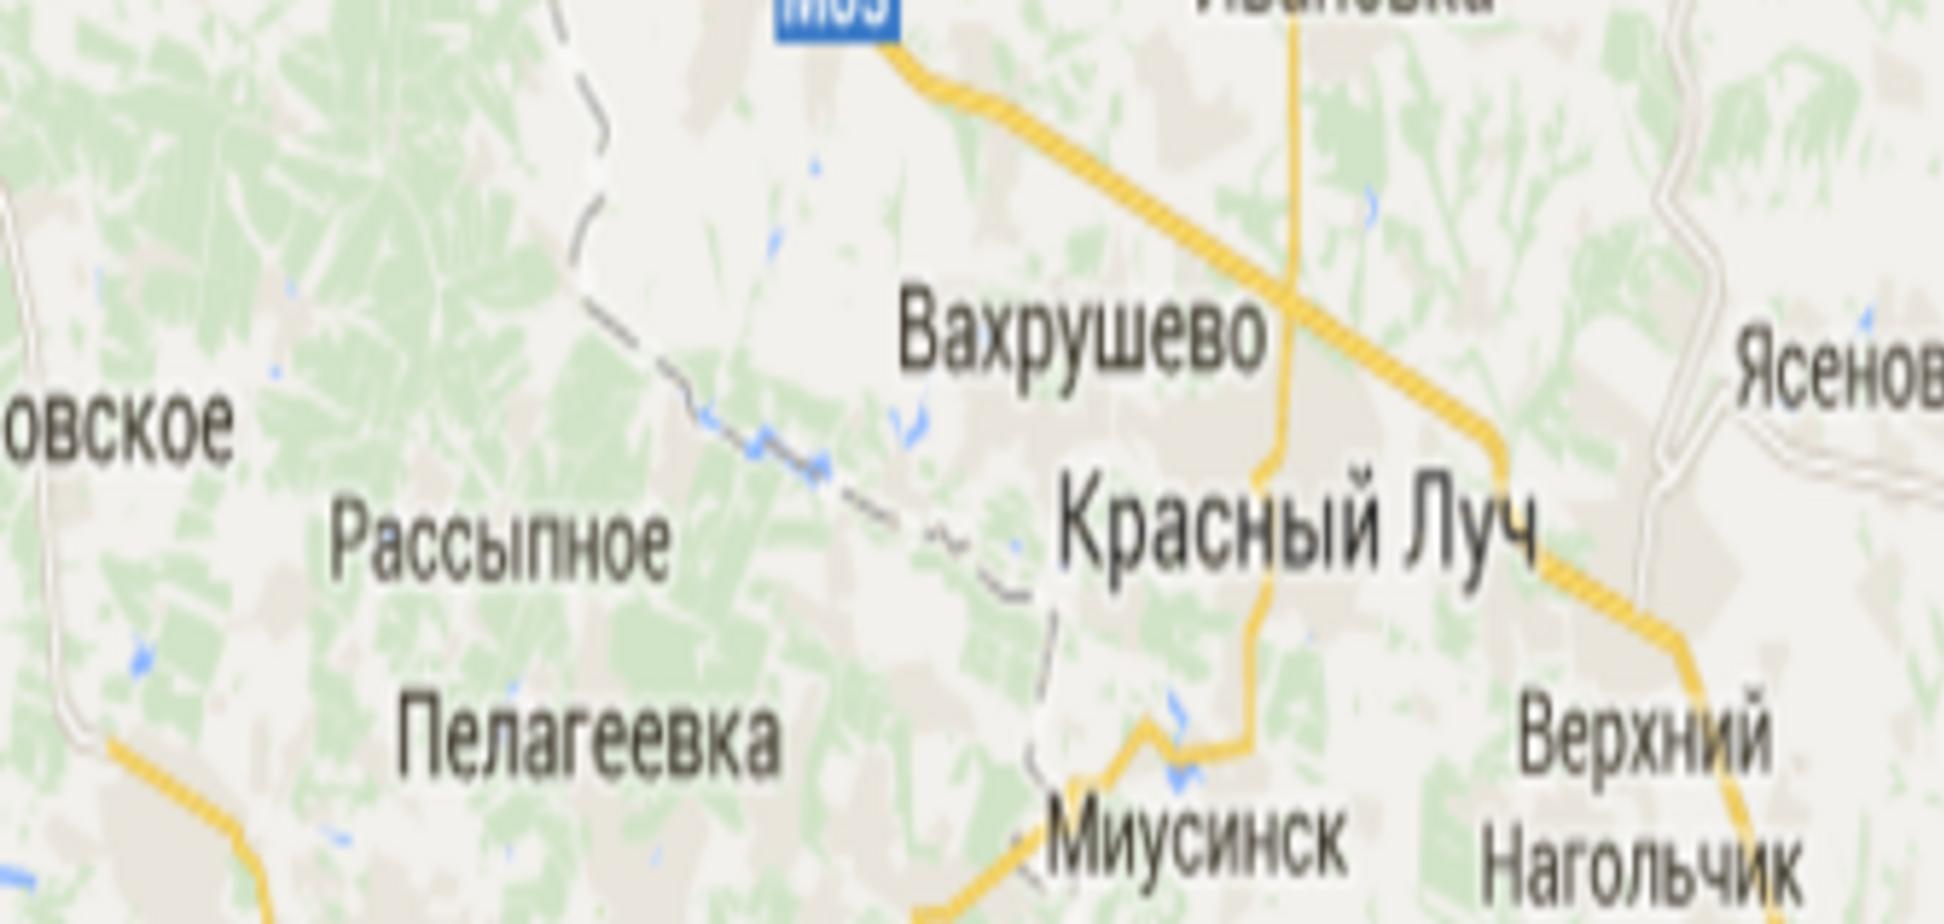 Жители Ровеньков видели, как несколько колонн военной техники террористов передвигалась по городу